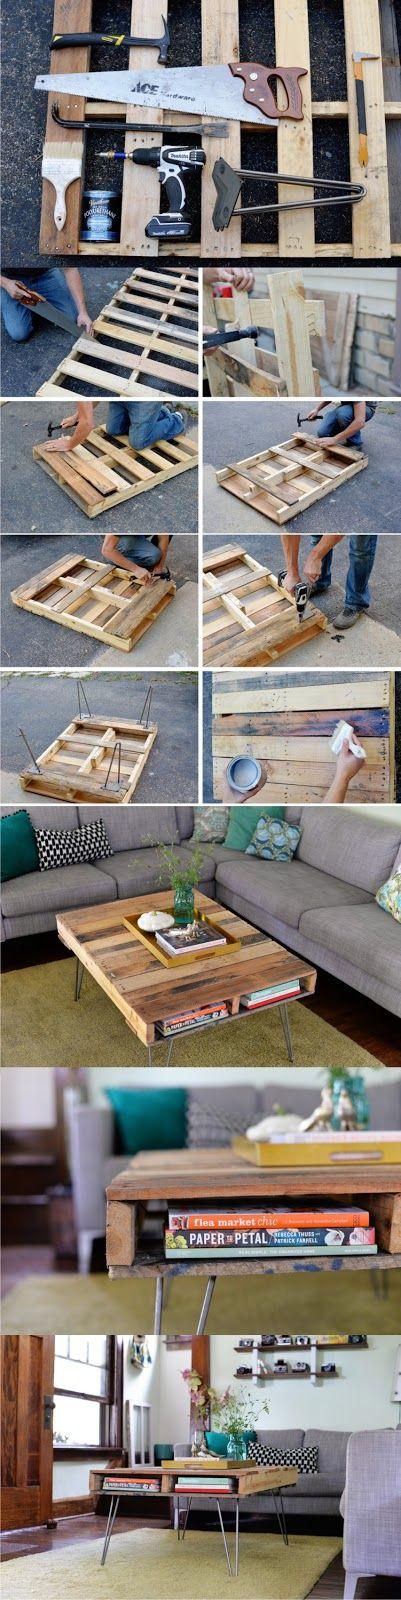 Decorar mais por menos,Como decorar gastando pouco, decorar com criatividade, decorar com reciclagem, decorar com pouca grana, faça você mesmo, decorar a casa gastando pouco